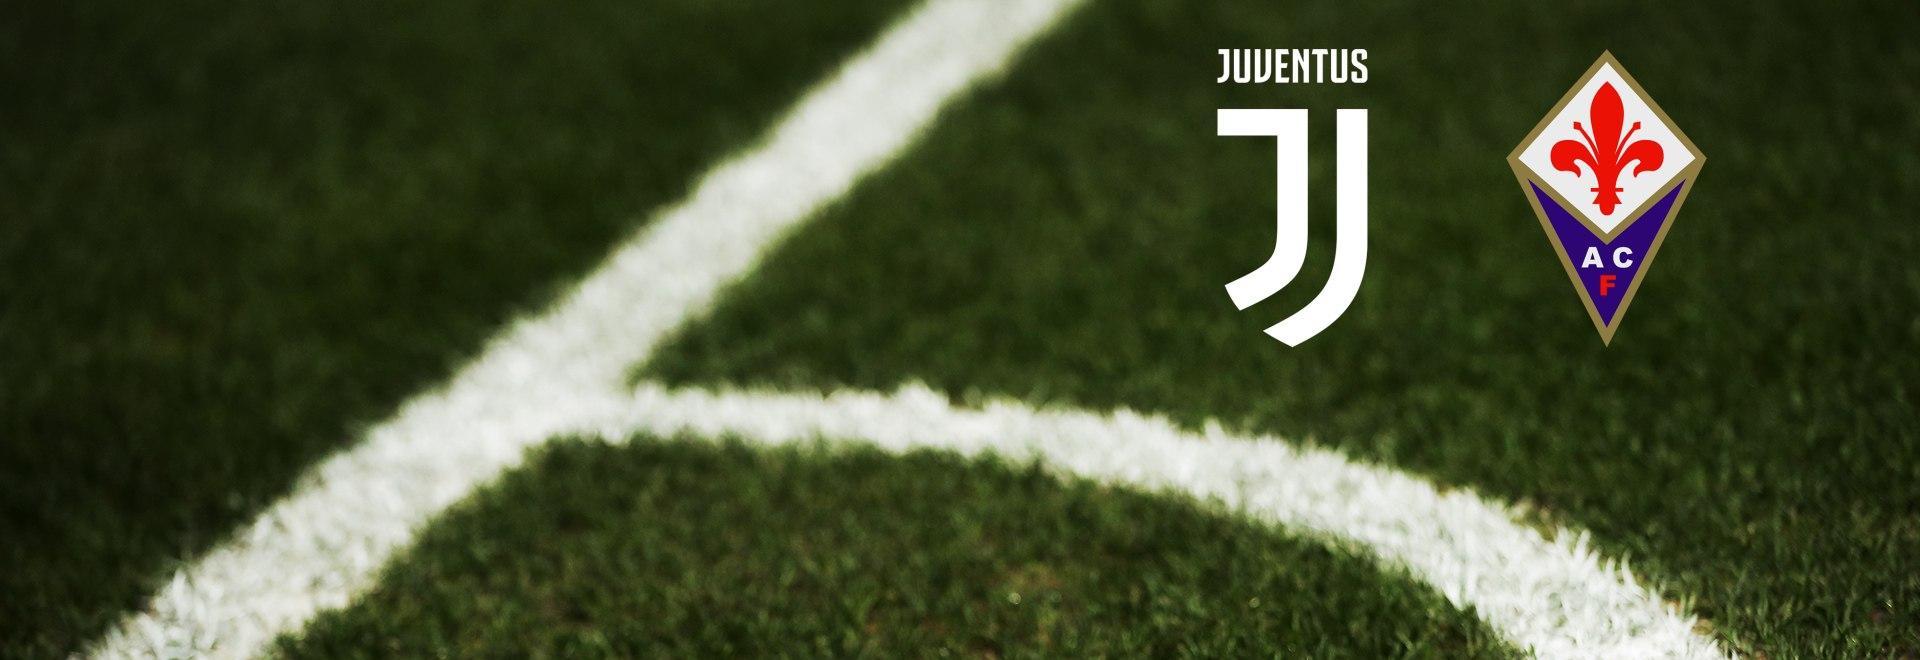 Juventus - Fiorentina. 22a g.